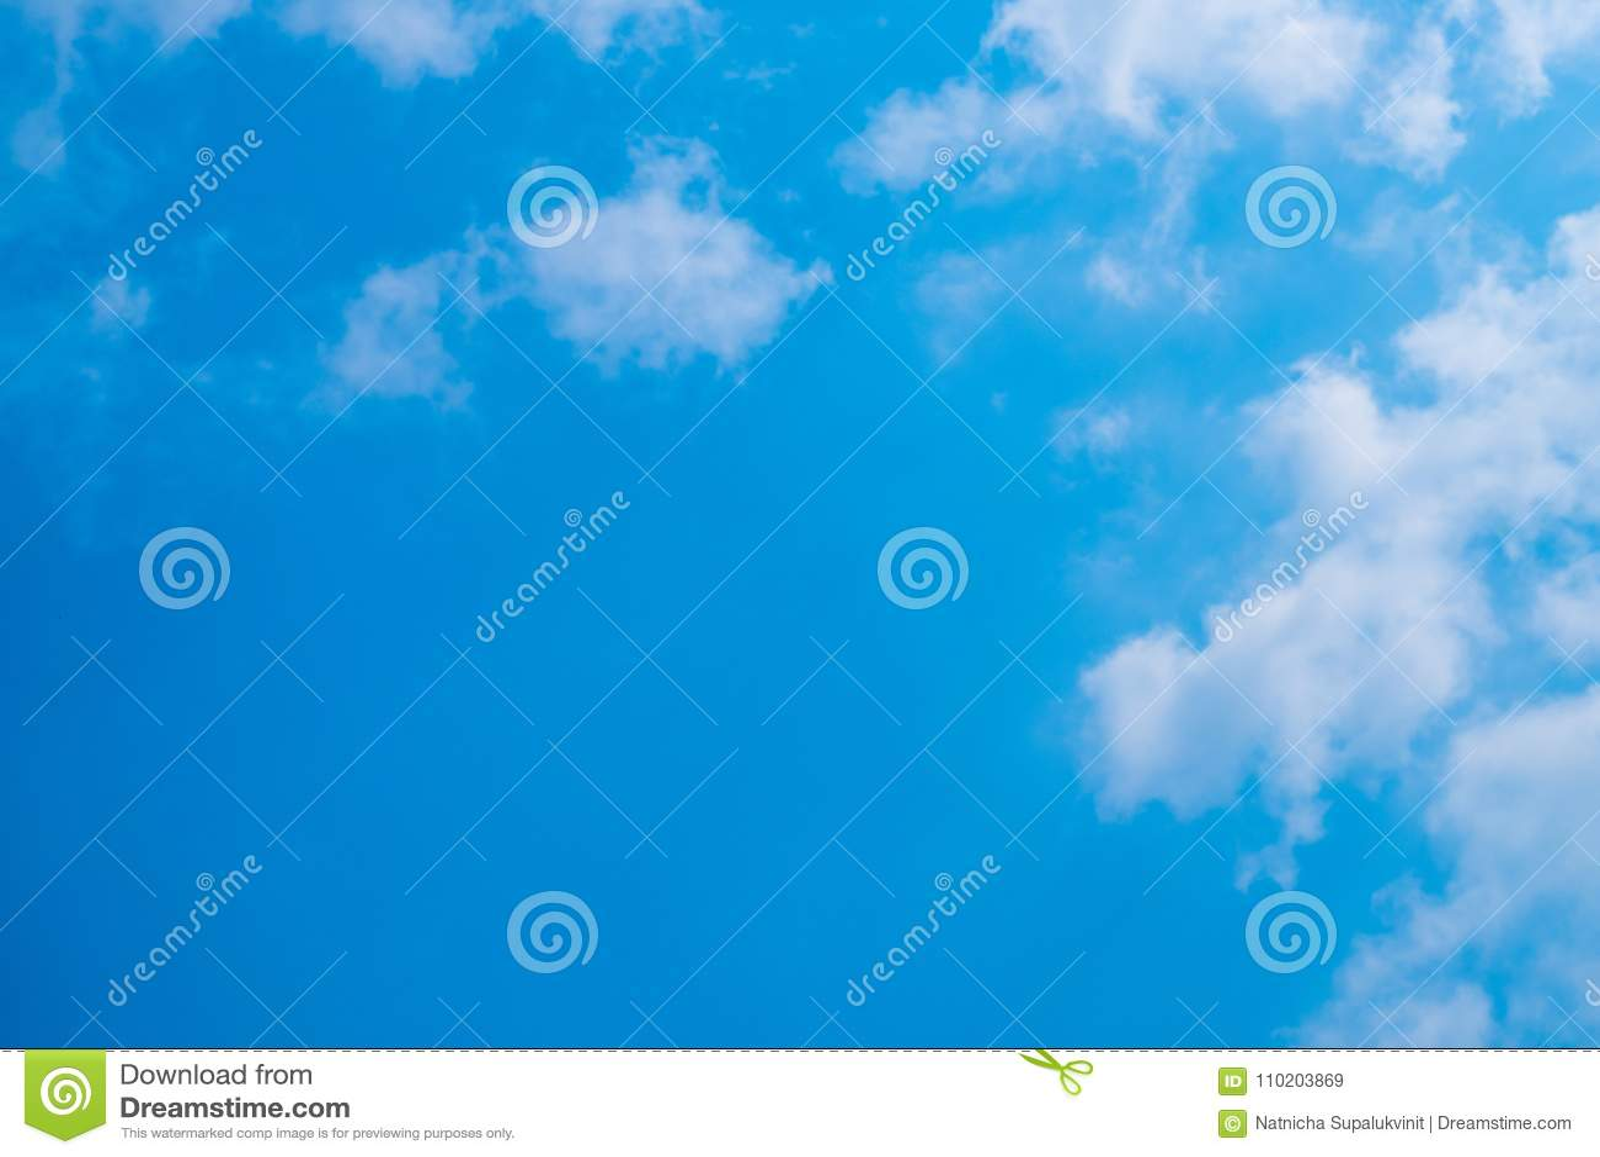 Blauer Himmel mit Wolken für Hintergrund